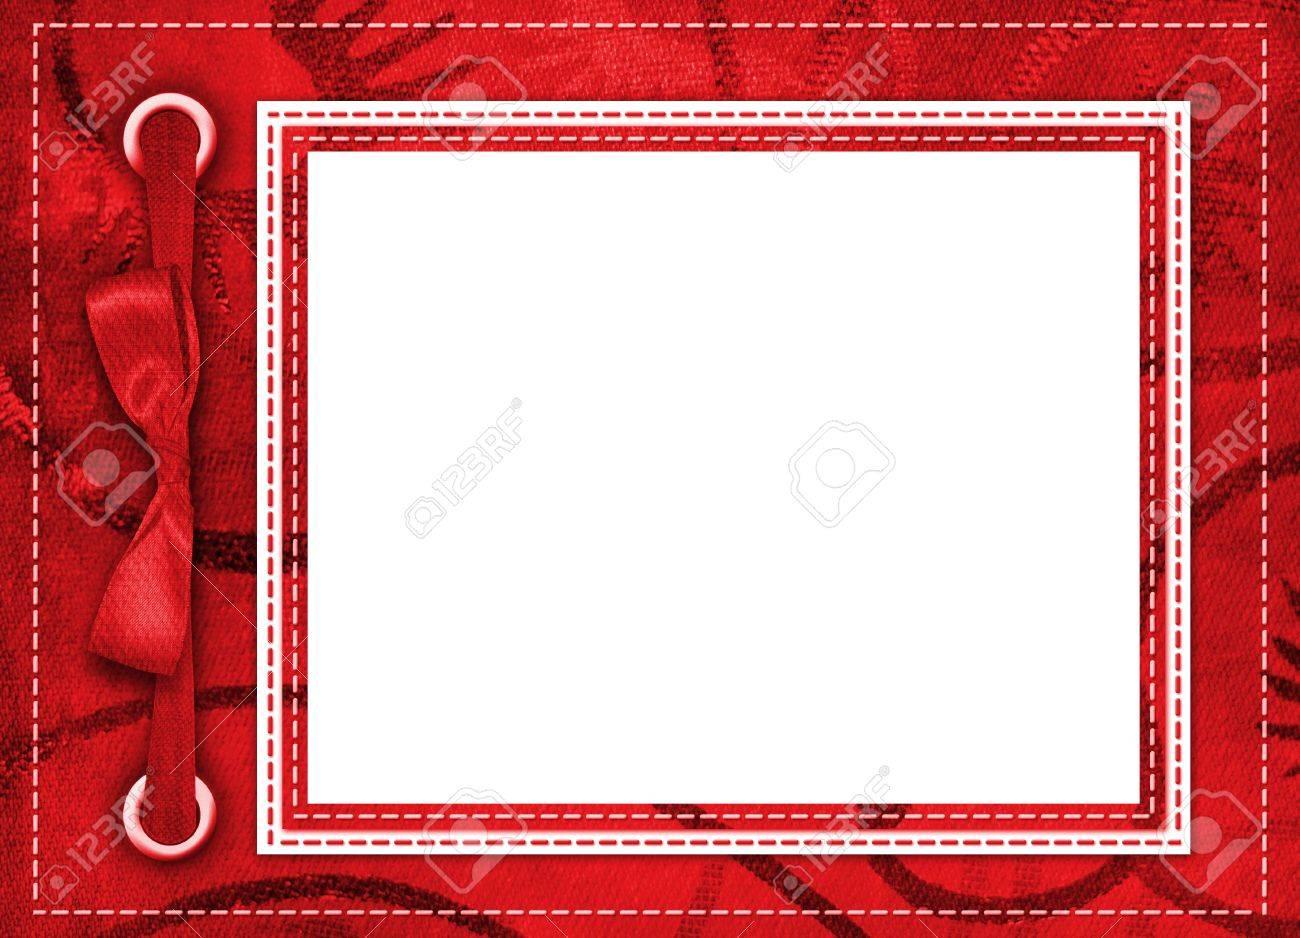 Rahmen Für Ein Foto Oder Einladungen. Eine Rote Schleife. Ein ...